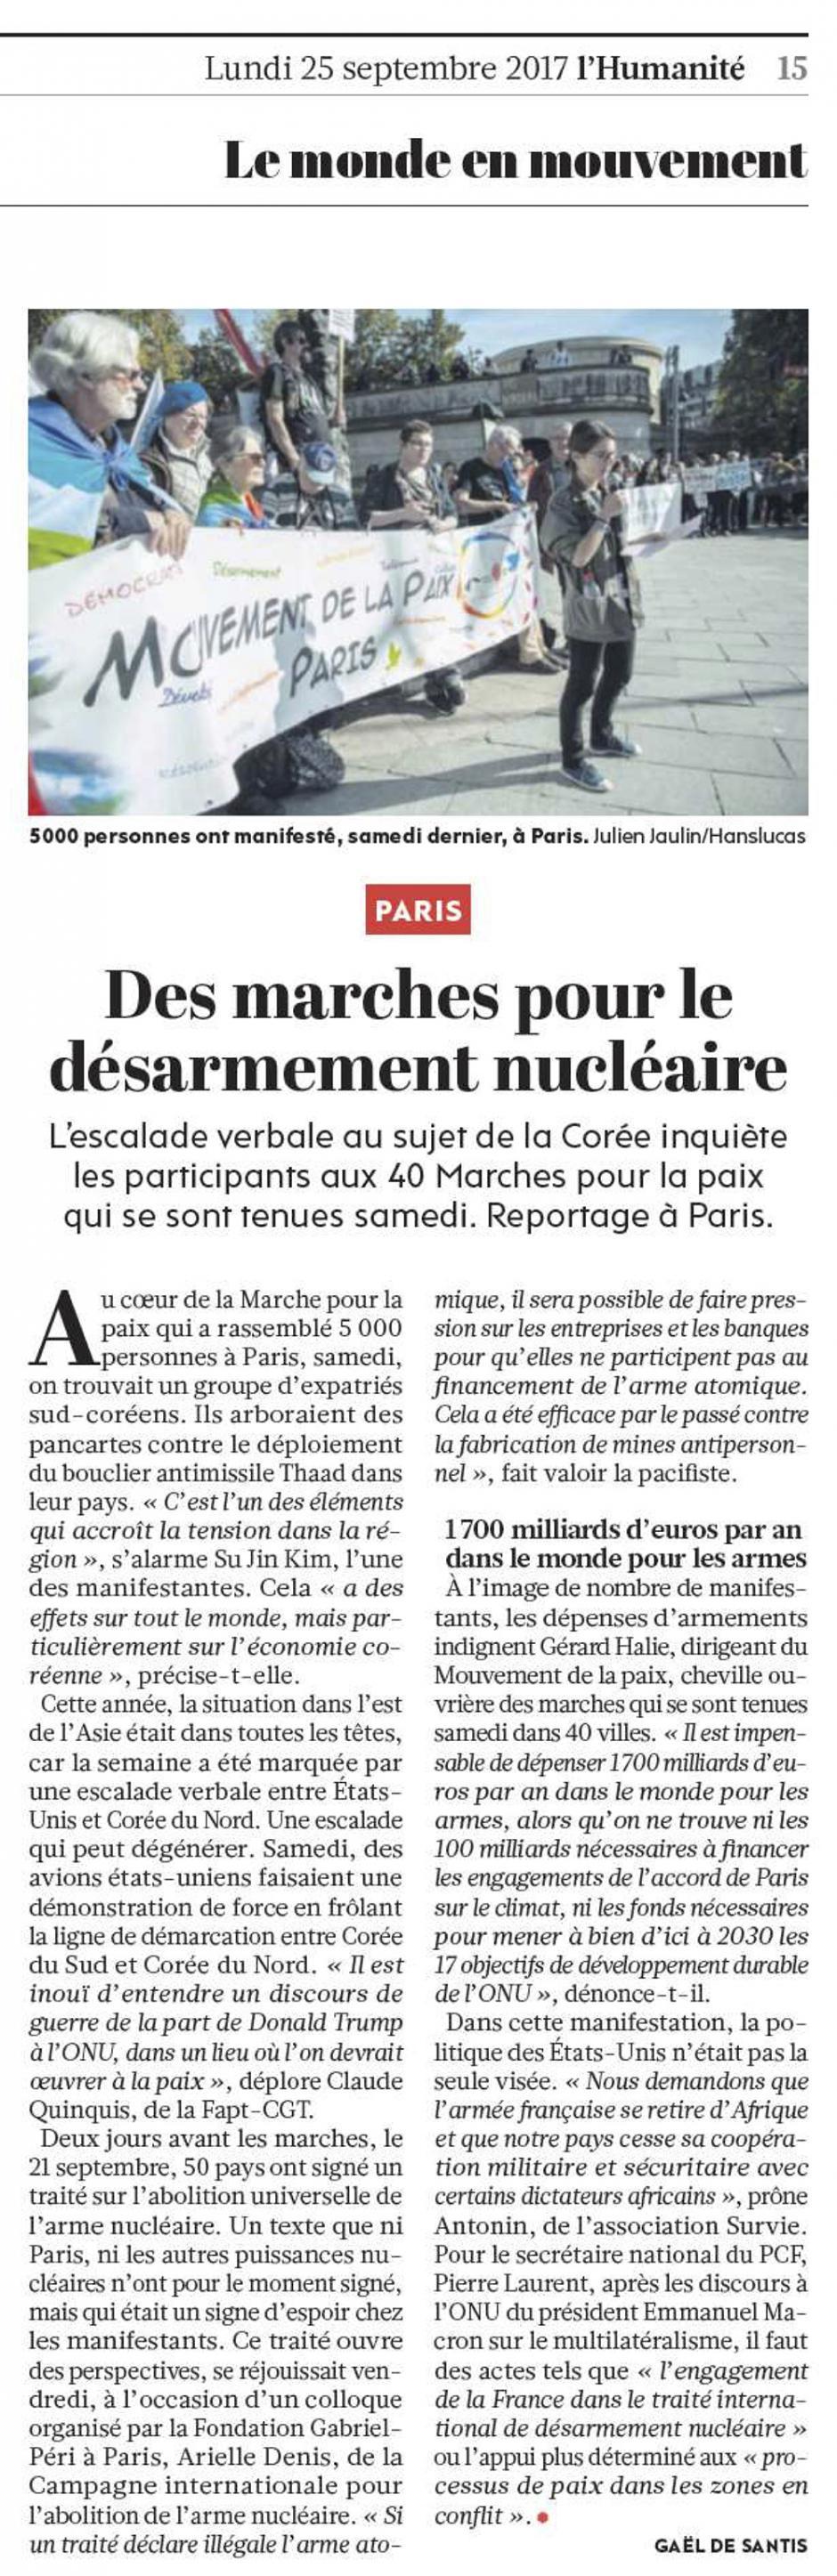 20170925-L'Huma-Paris-Des marches pour le désarmement nucléaire